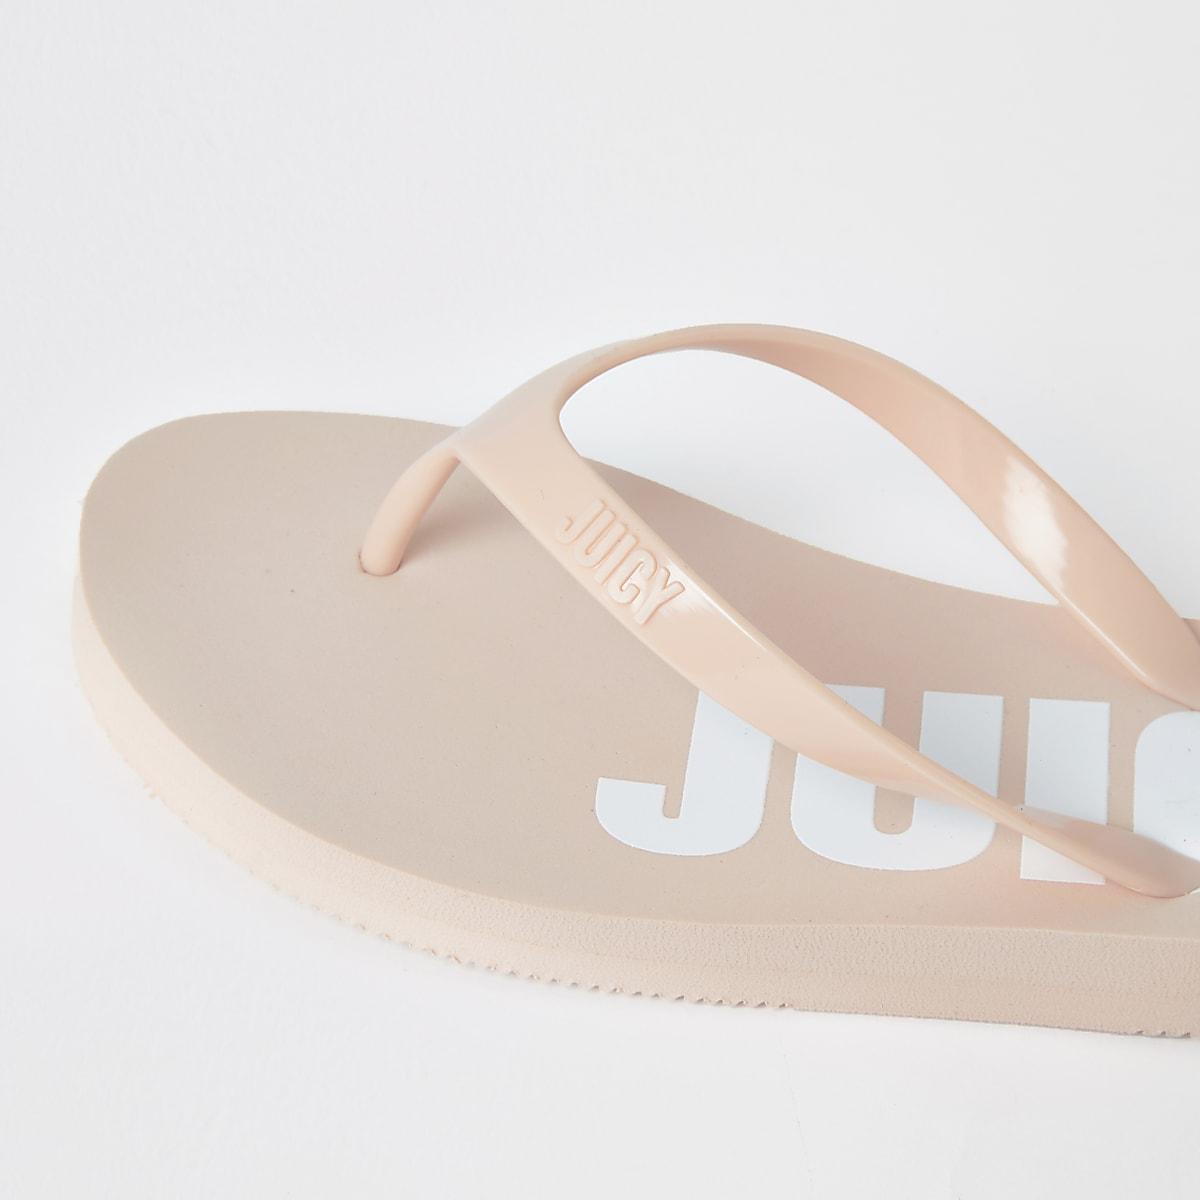 1ba75c4dca8 Juicy Couture pink flip flops